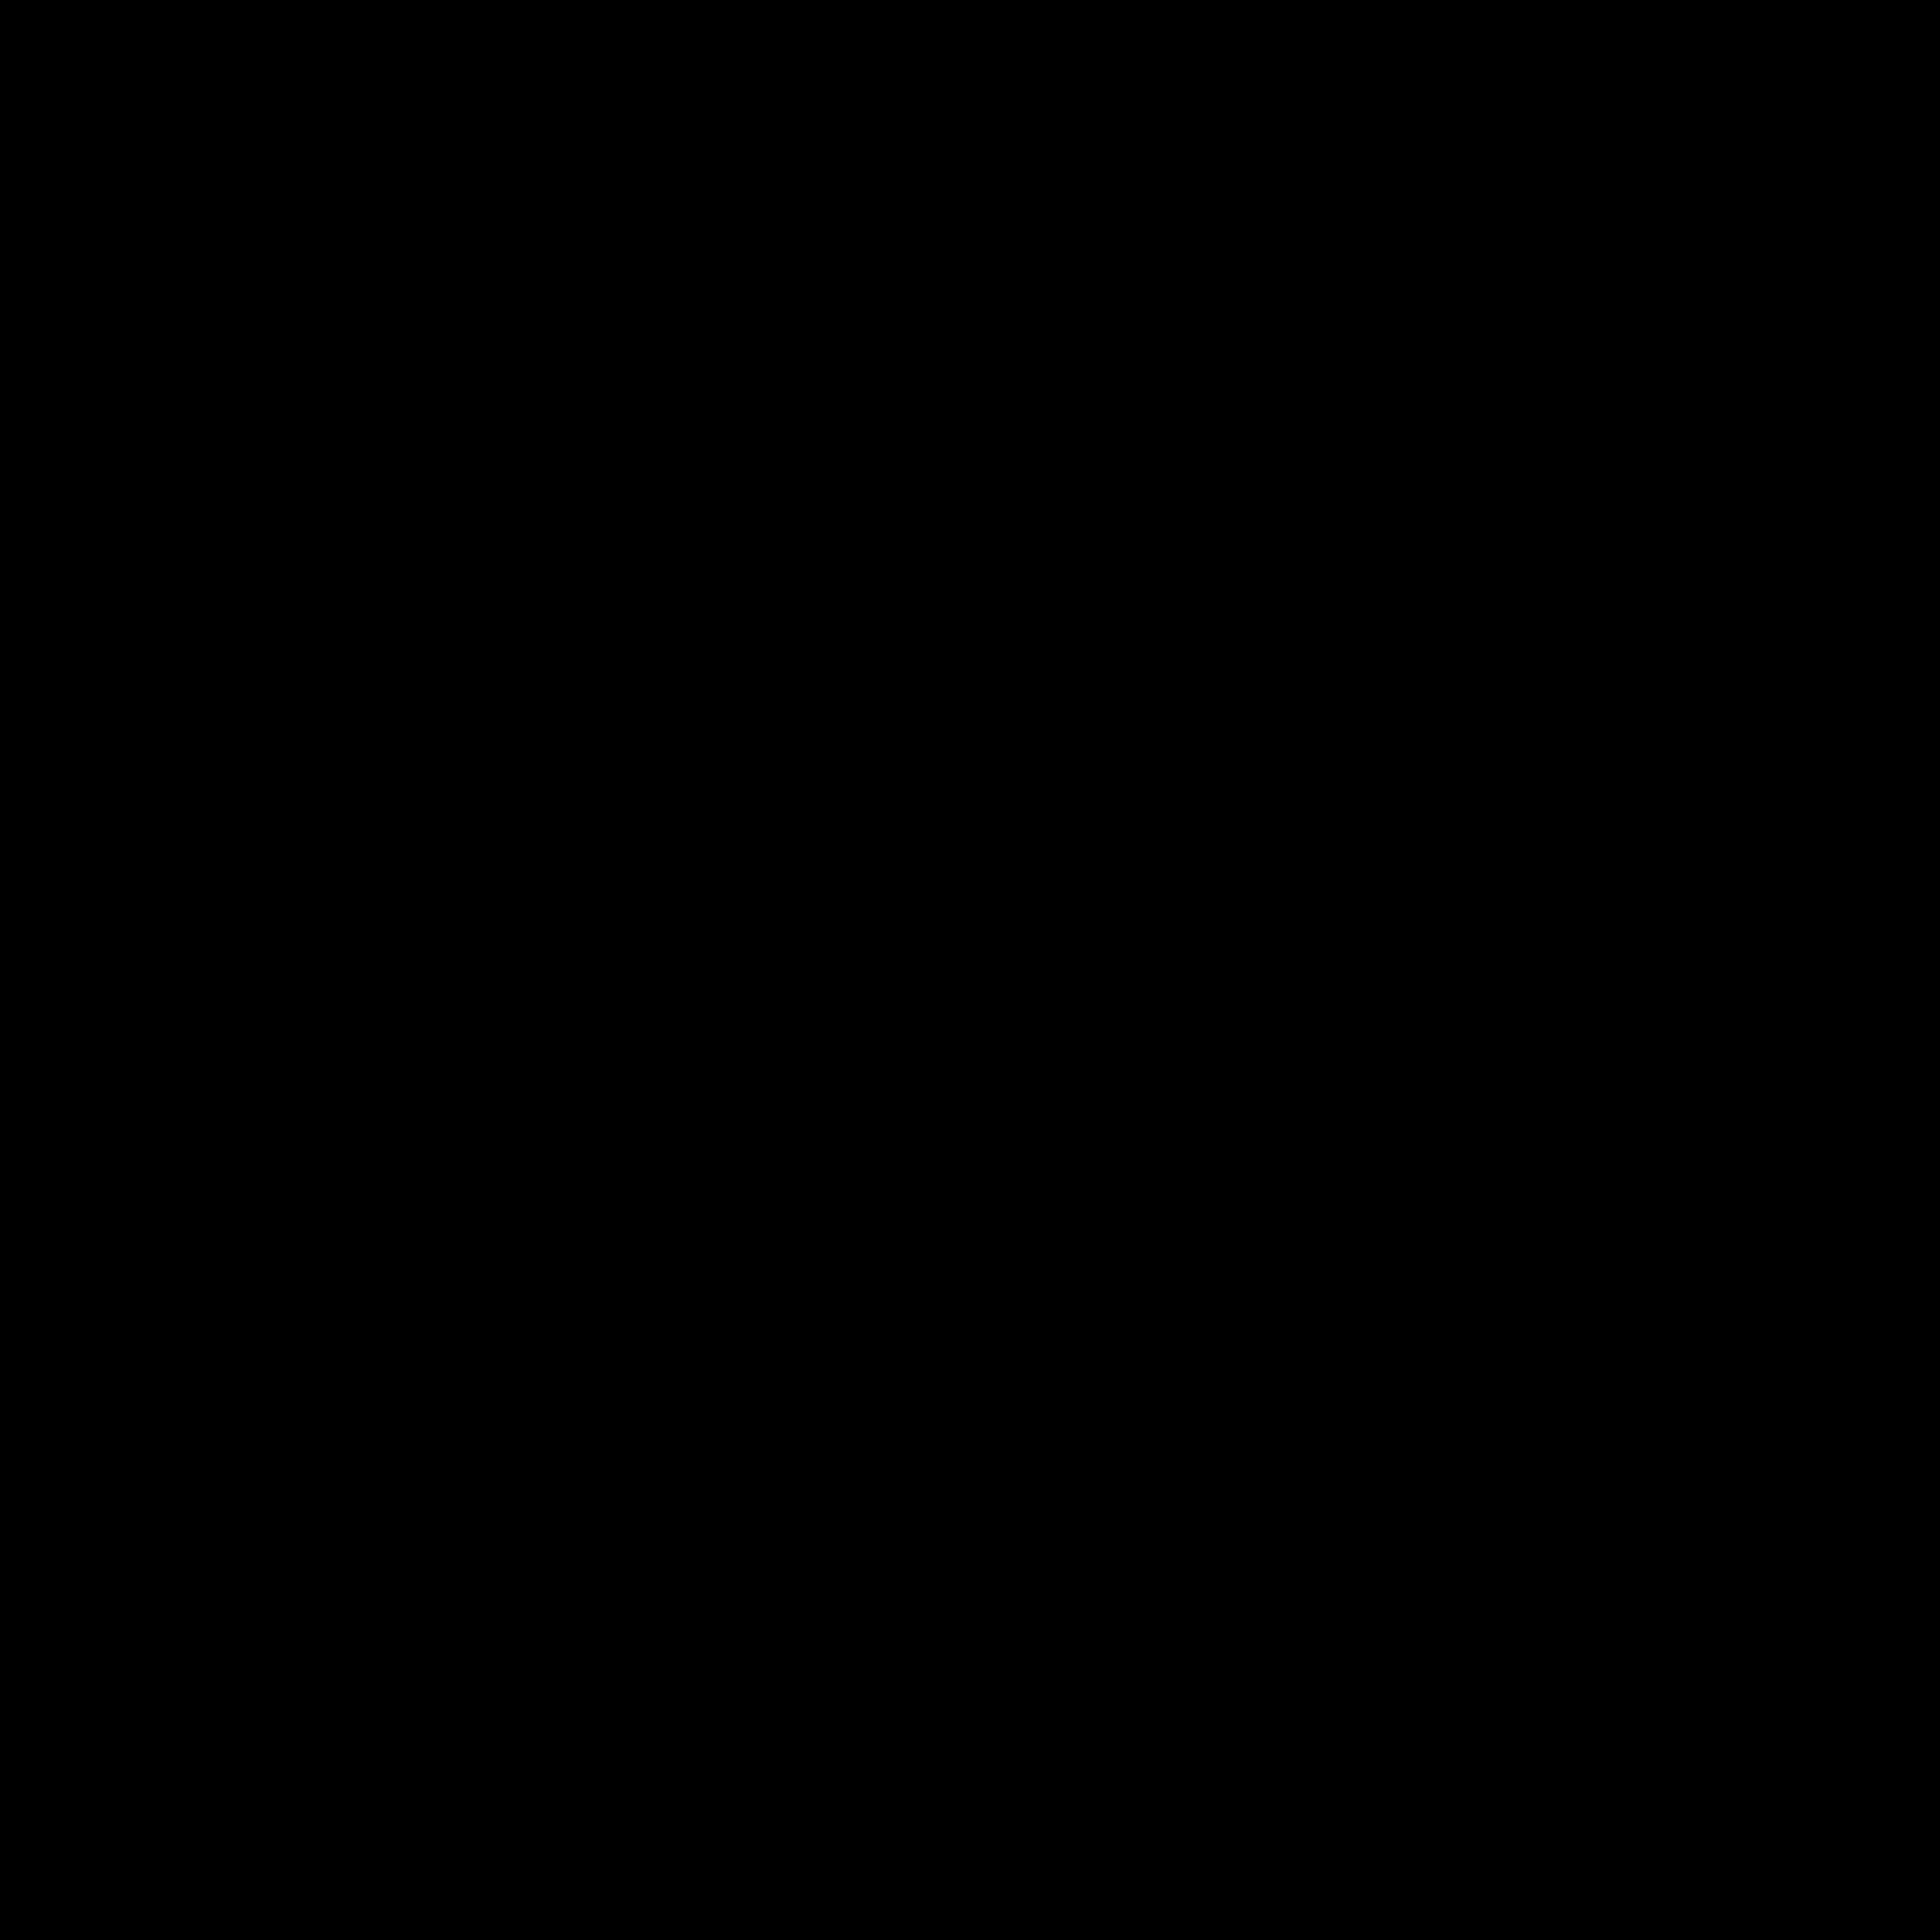 Charlie Logo PNG Transparent & SVG Vector.